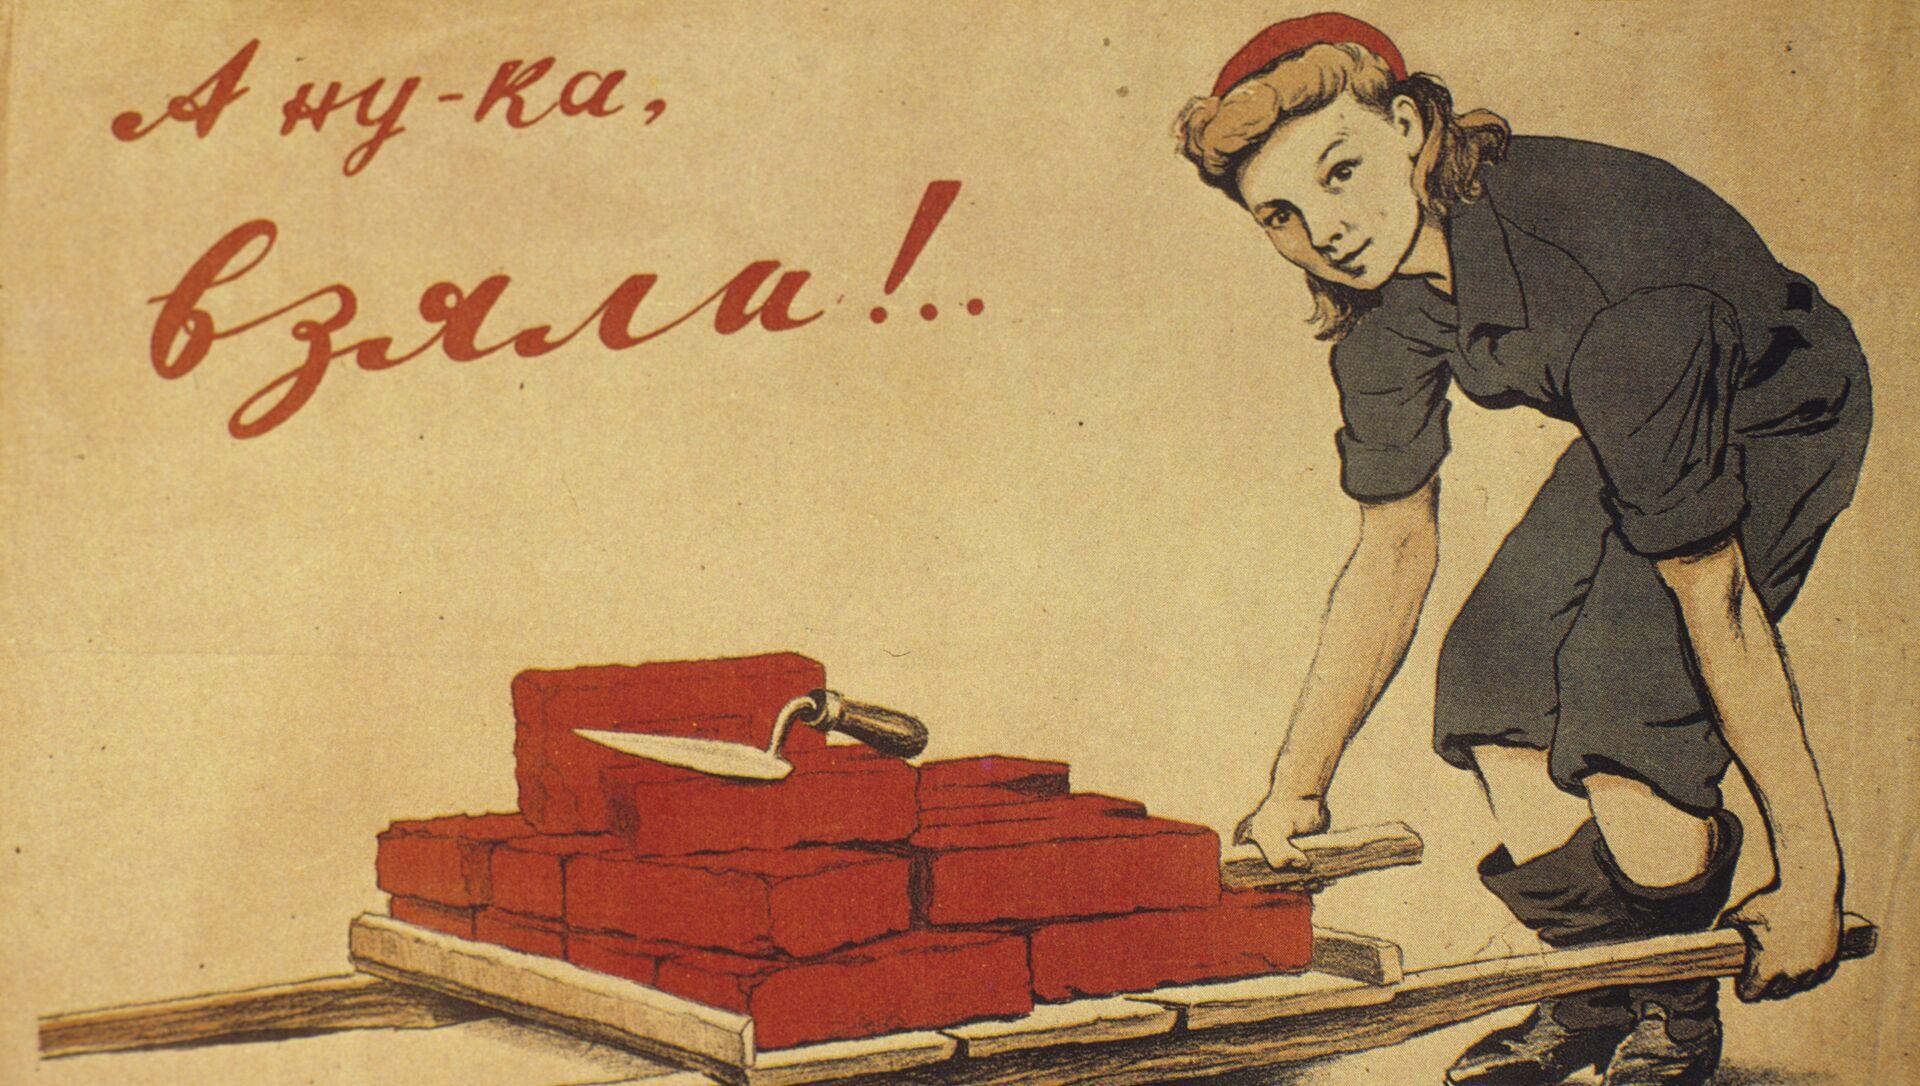 Плакат А ну-ка, взяли... 1944 год. Художник Иосиф Александрович Серебряный (1907-1979). - РИА Новости, 1920, 26.04.2021